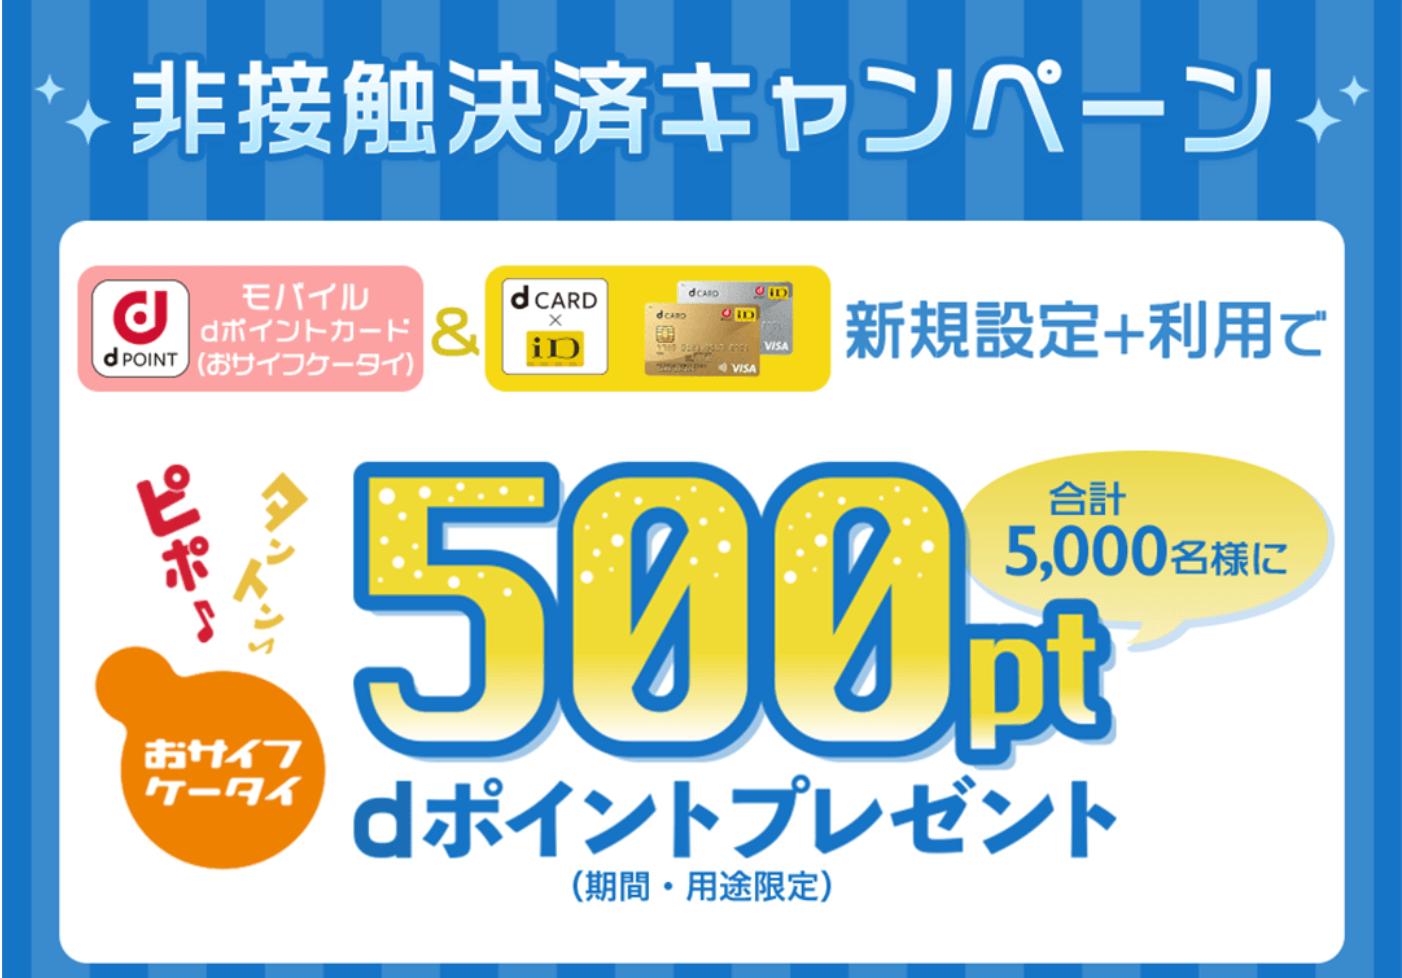 モバイルdポイントカード×dカード(iD)キャンペーン